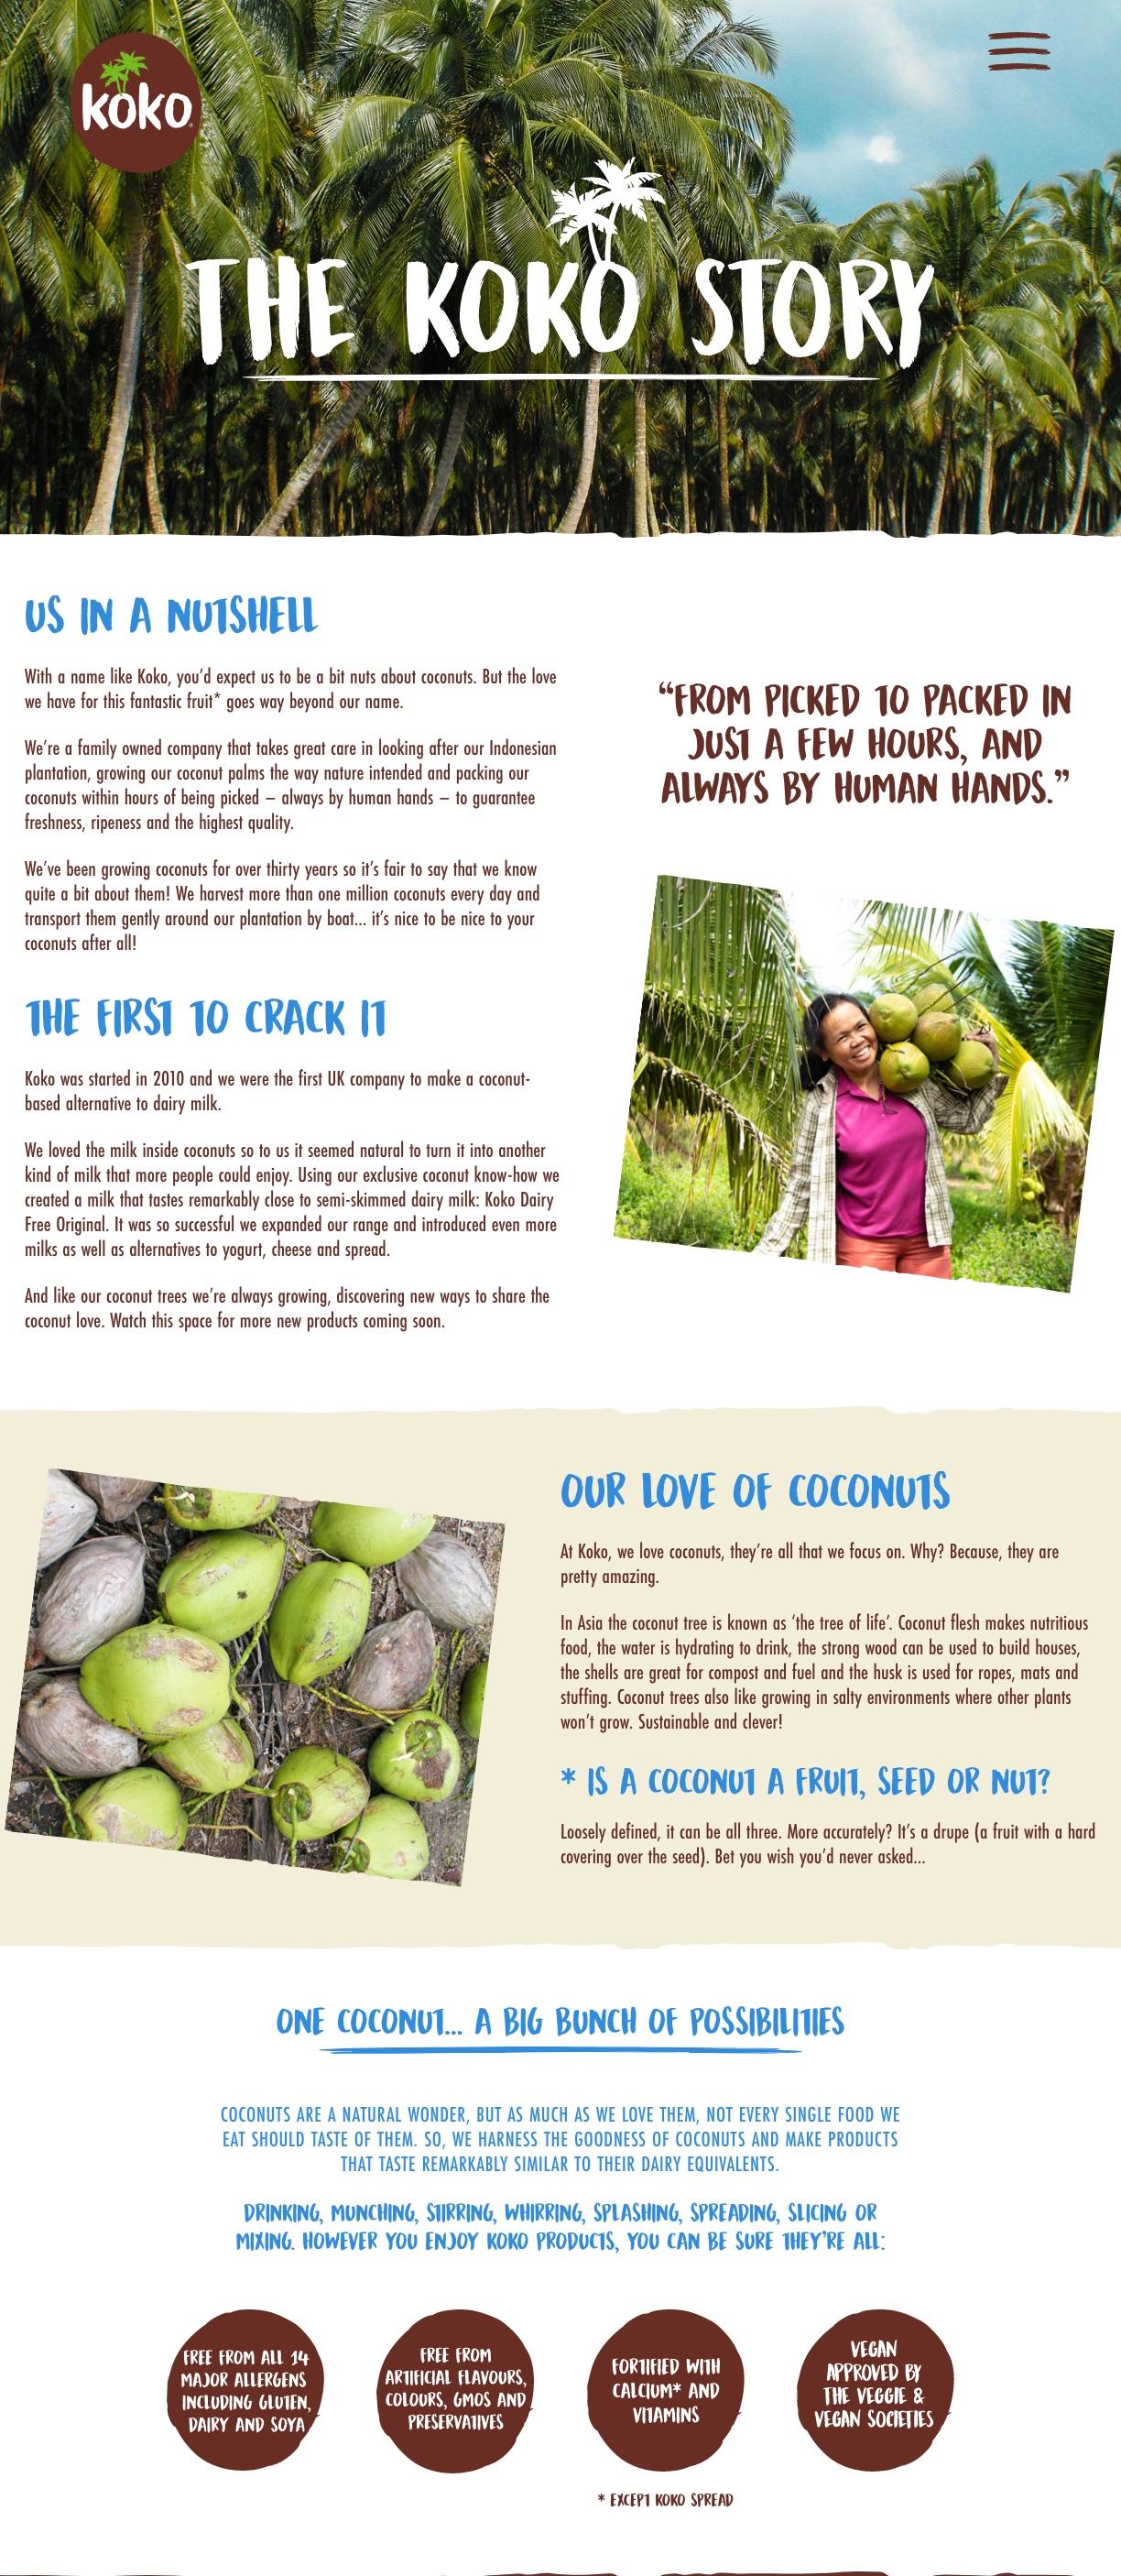 The Koko Story - www.kokodairyfree.com